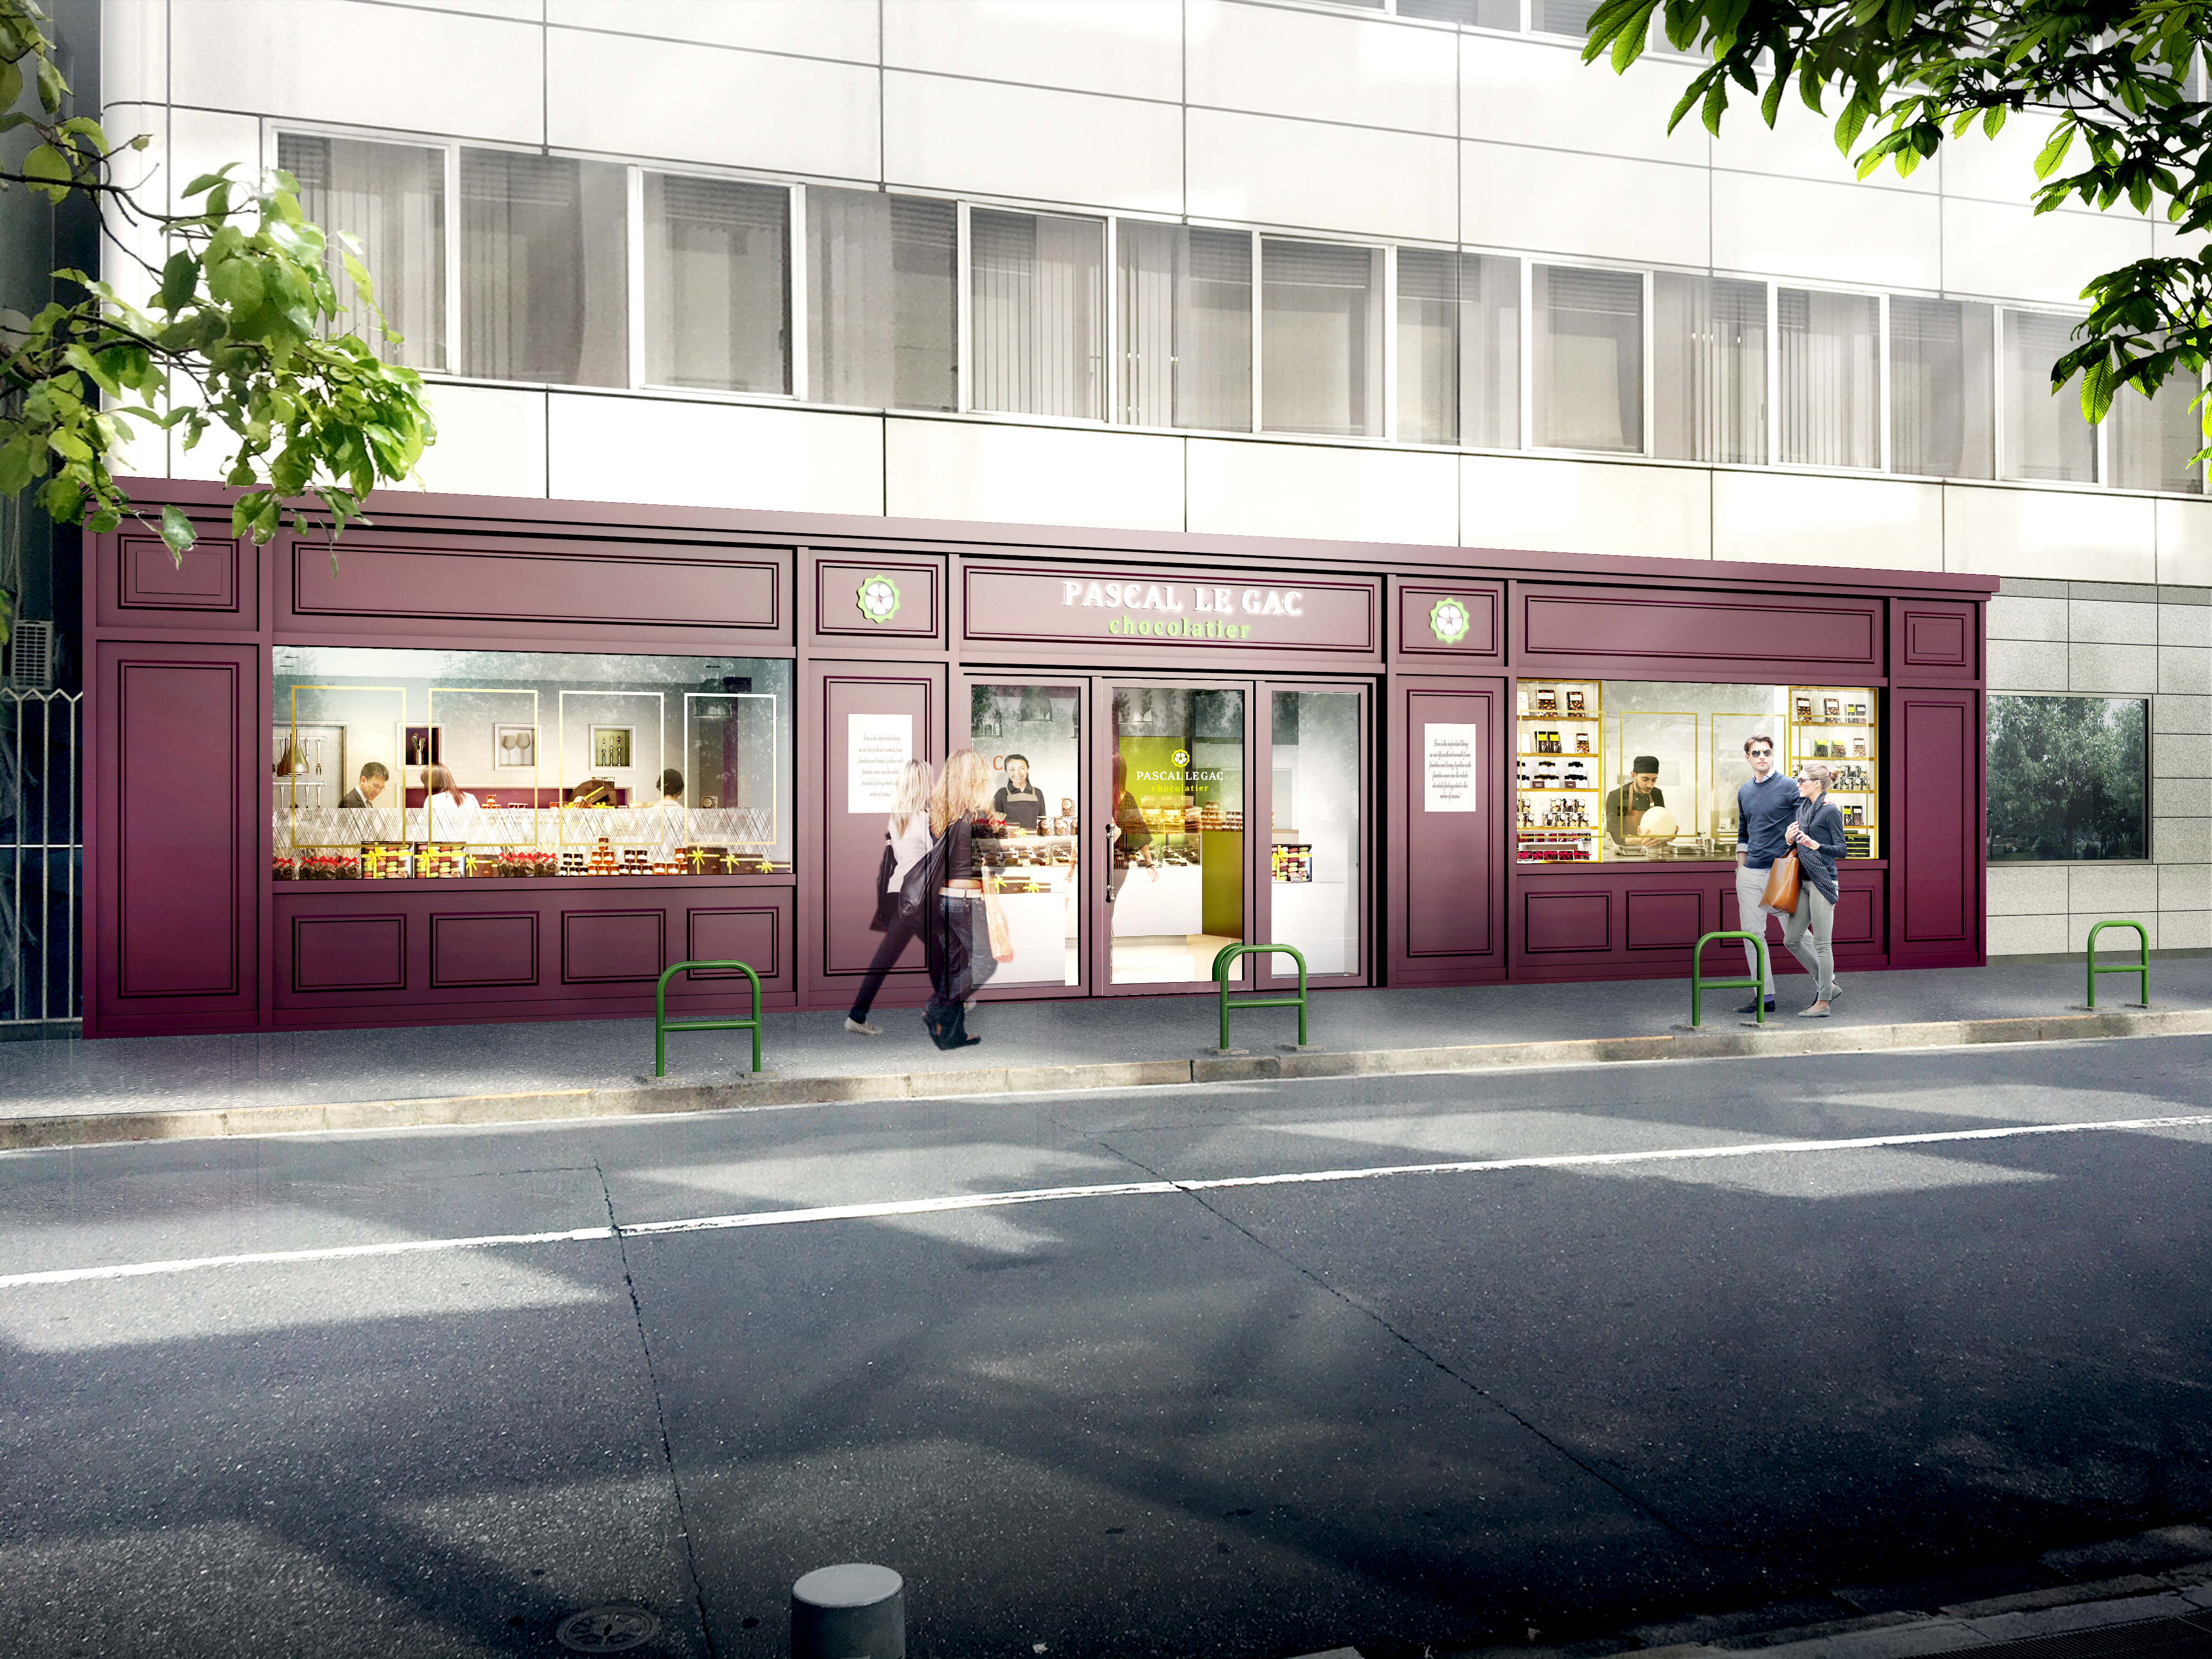 フランスのチョコレート専門店「パスカル・ル・ガック」が日本上陸決定!赤坂にオープン